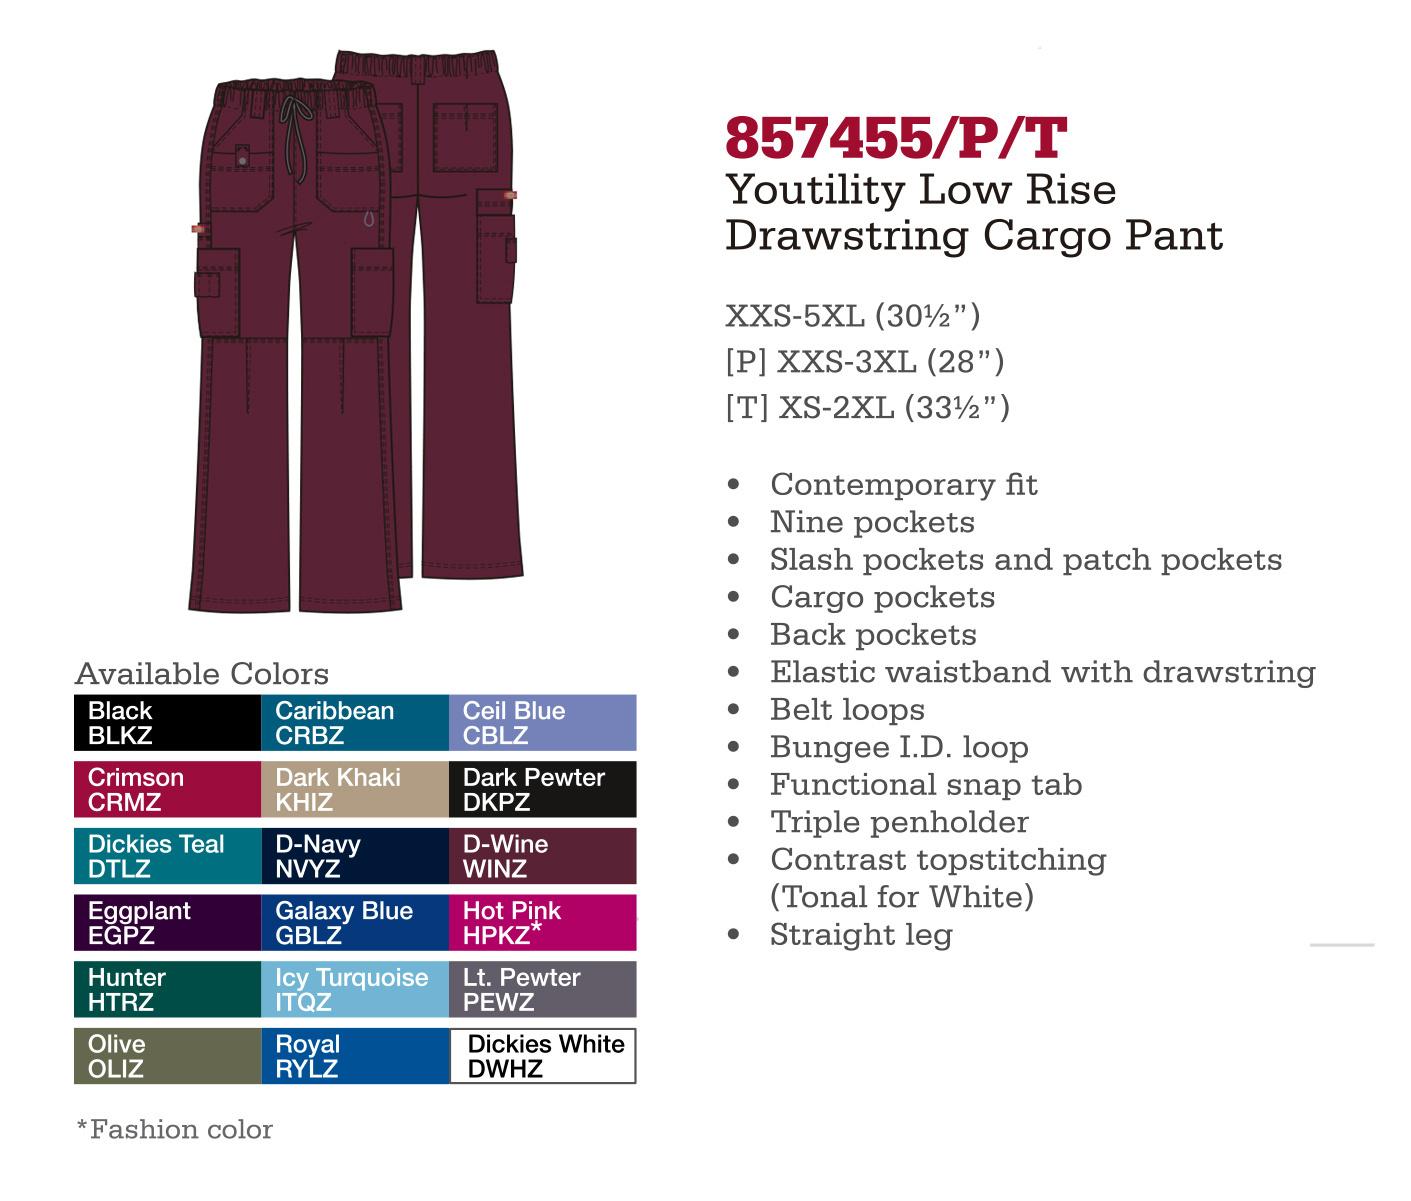 Pantalón Cargo con Cordones Youtility. 857455/P/T.